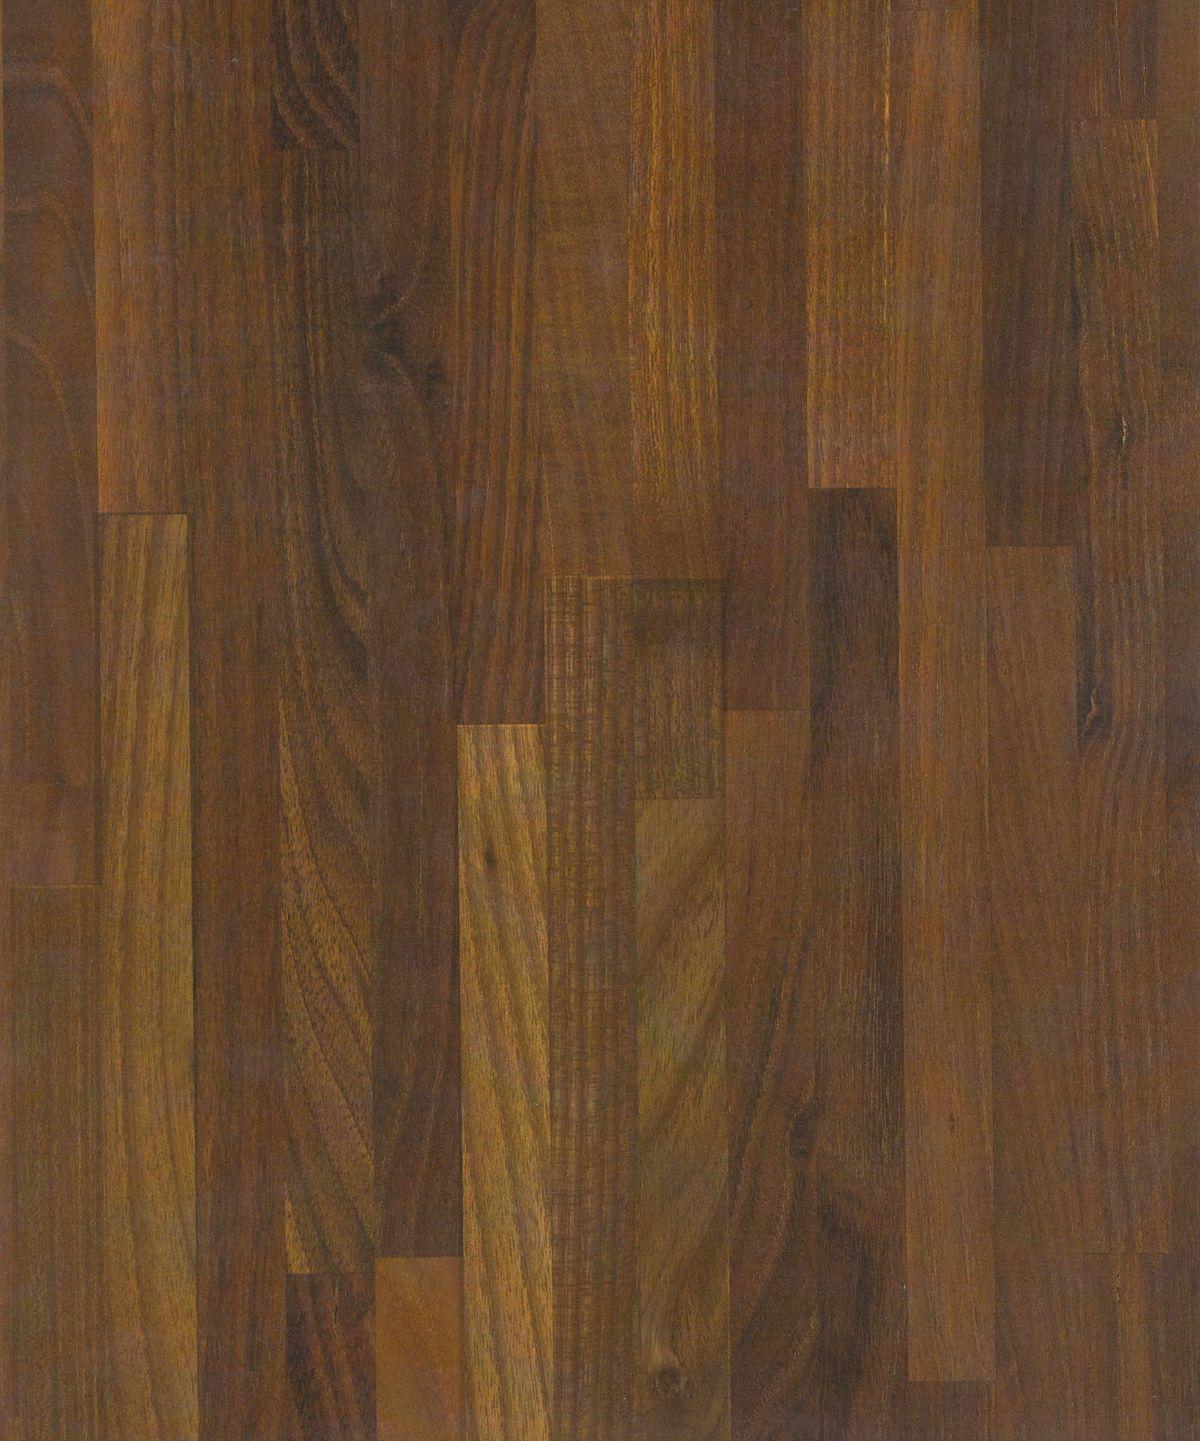 Holz Dunkler Machen